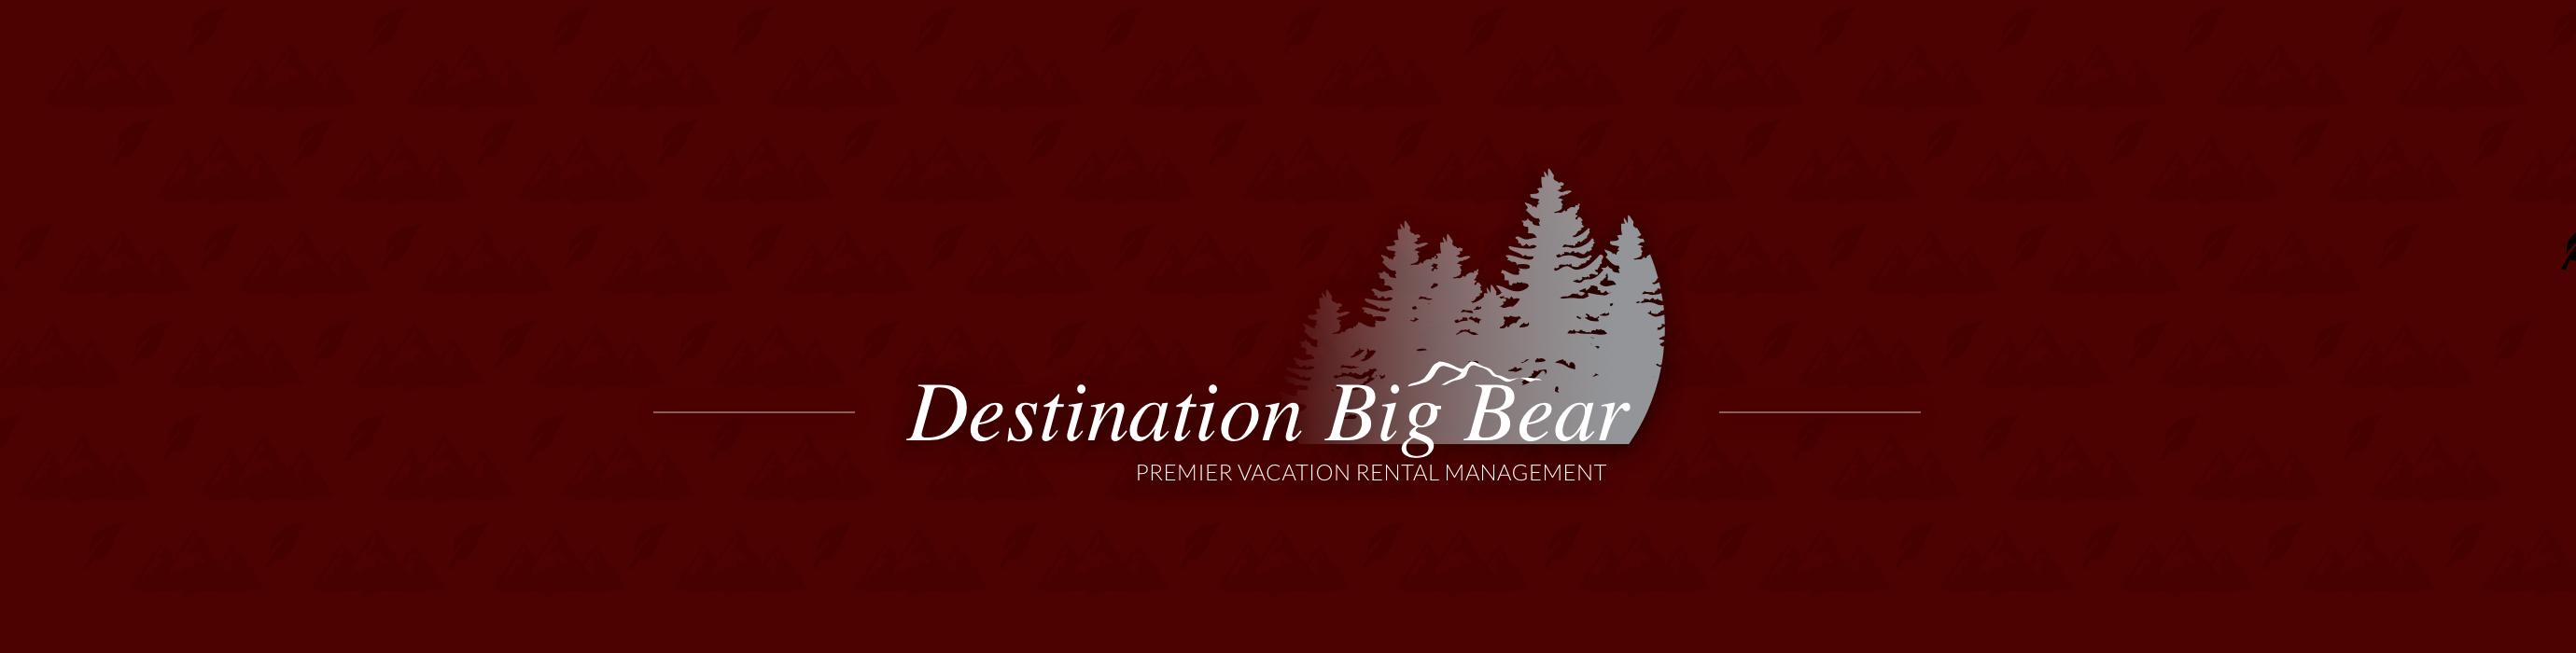 Big Bear Christmas.Christmas Holiday In Big Bear Lake Destination Big Bear